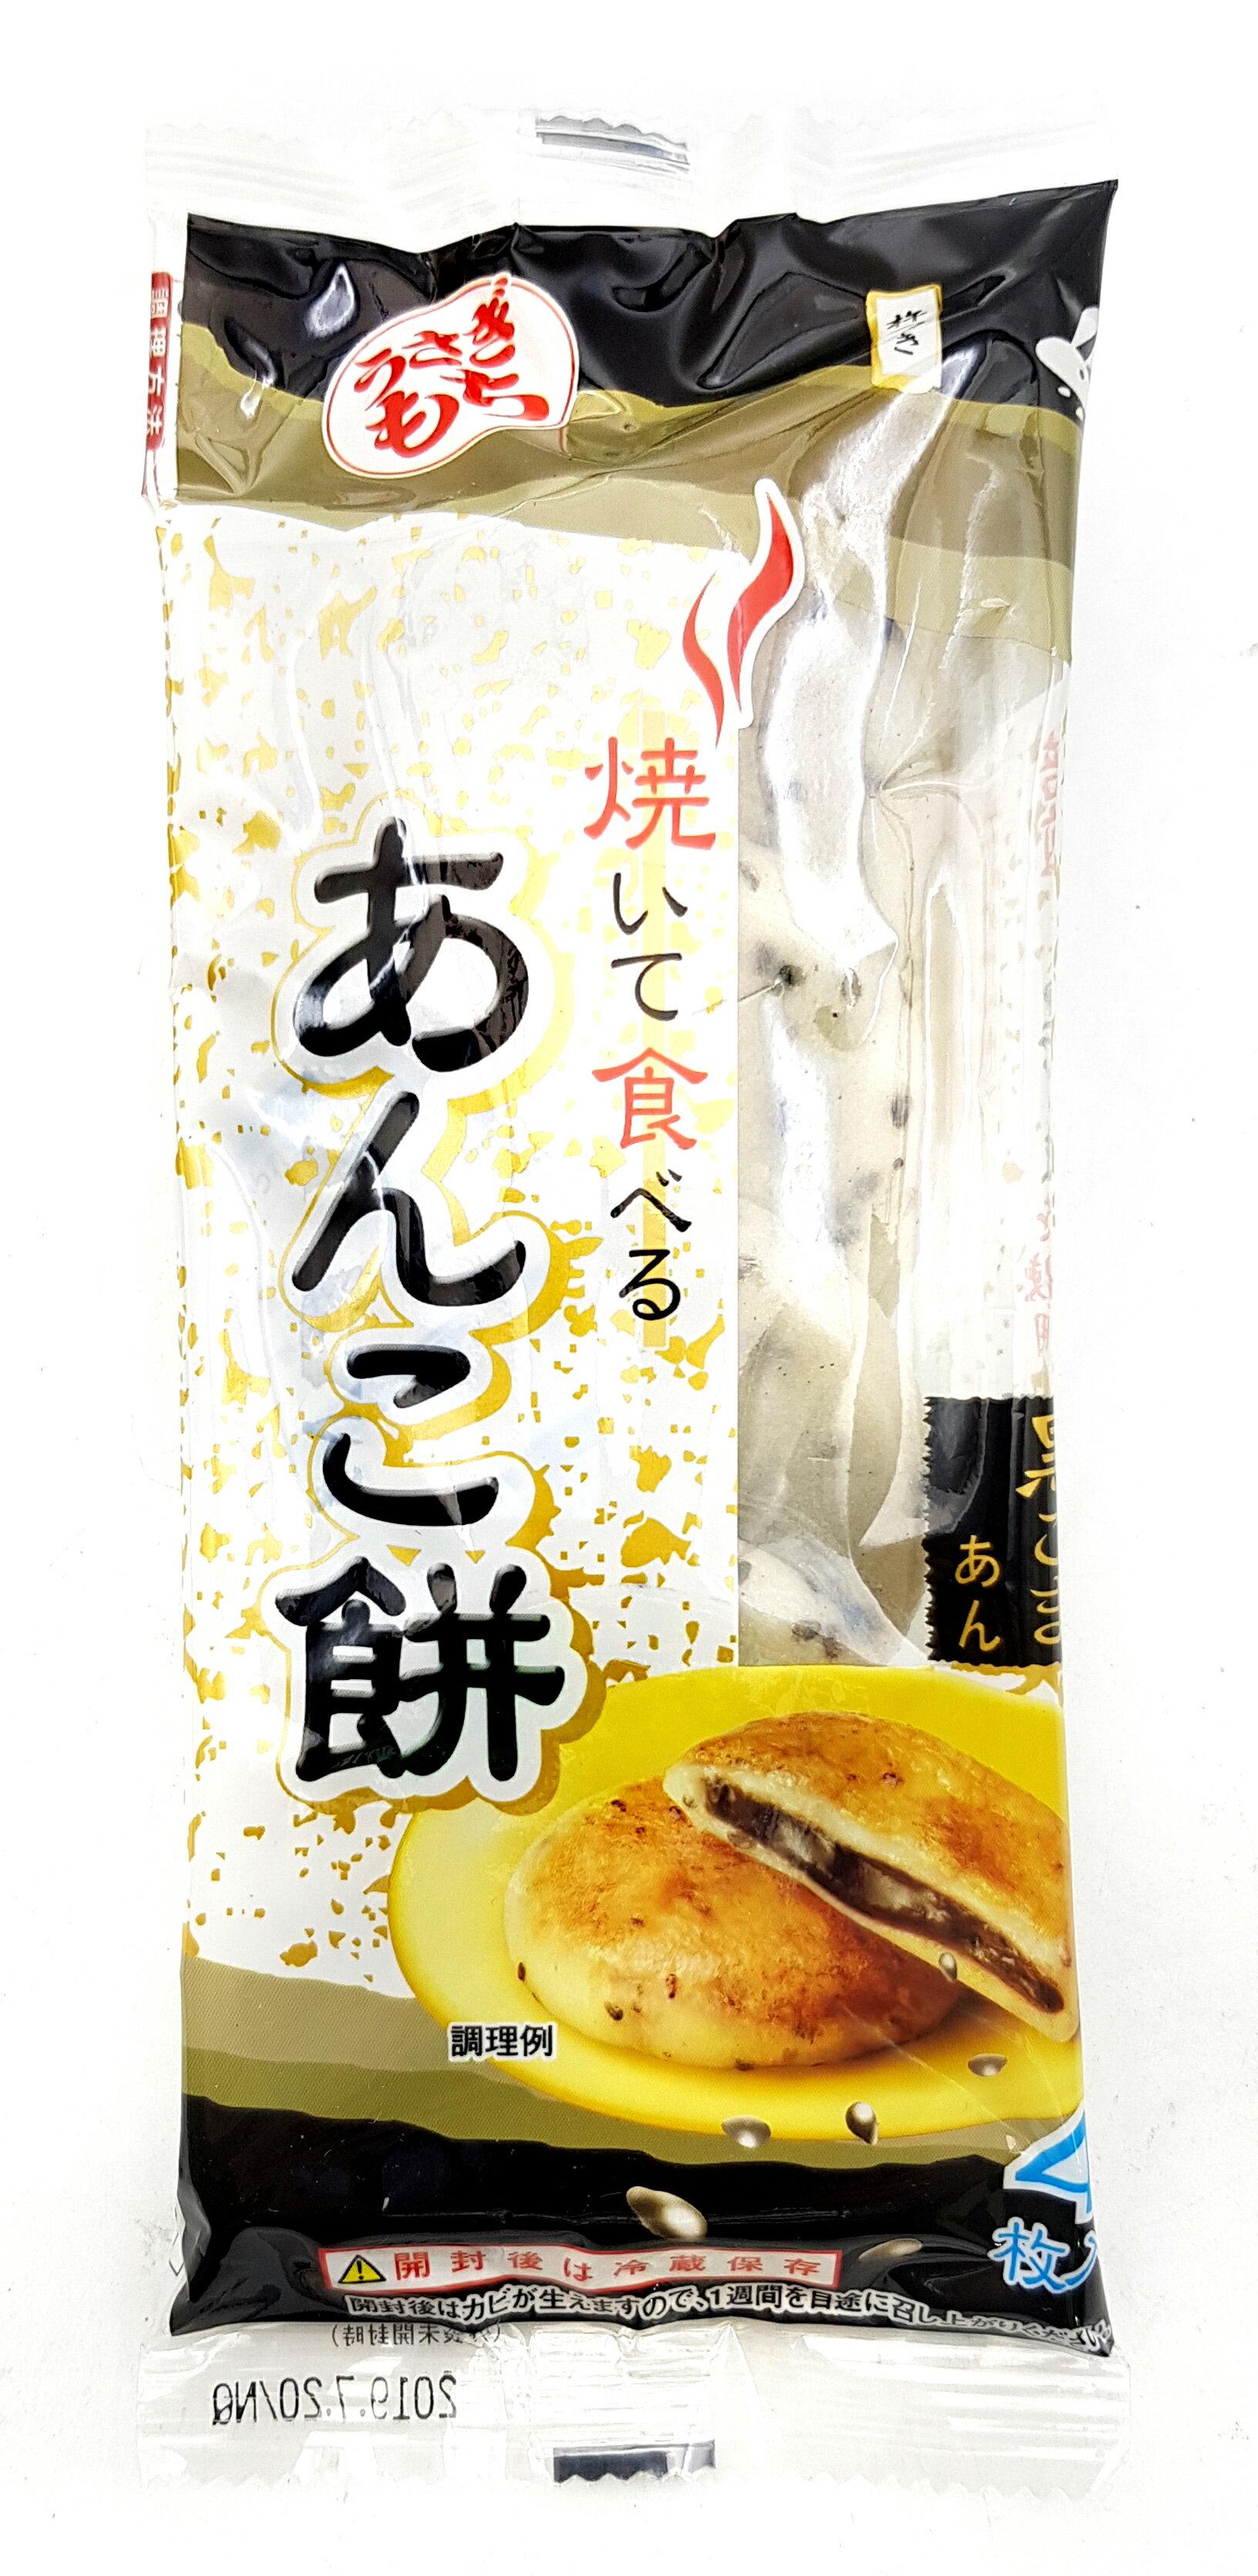 《Chara 微百貨》 日本 木村 烤麻糬 小蒼 紅豆 黑芝麻 內餡 4入(120g) 超級好吃 麻糬 4味 12入 2